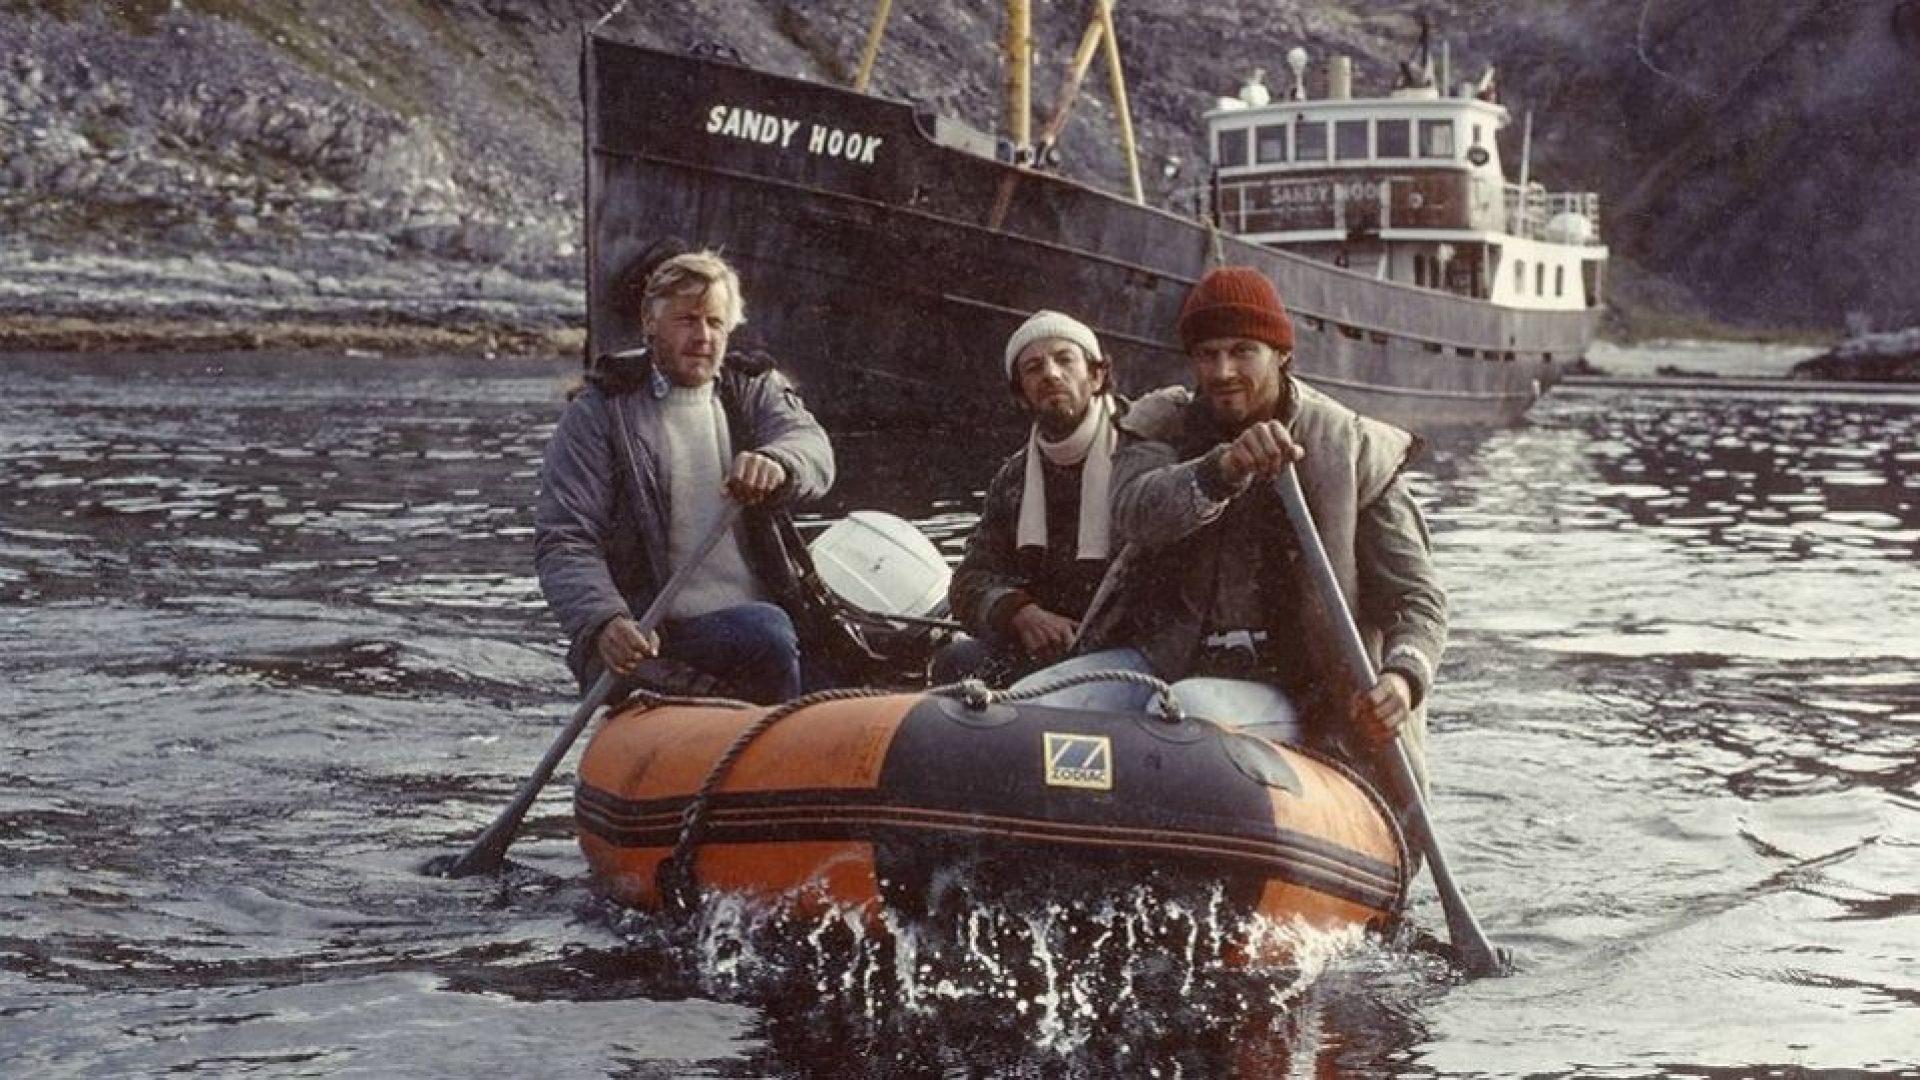 Tre menn i gummibåt, i bakgrunnen ser vi skipet Sandy Hook